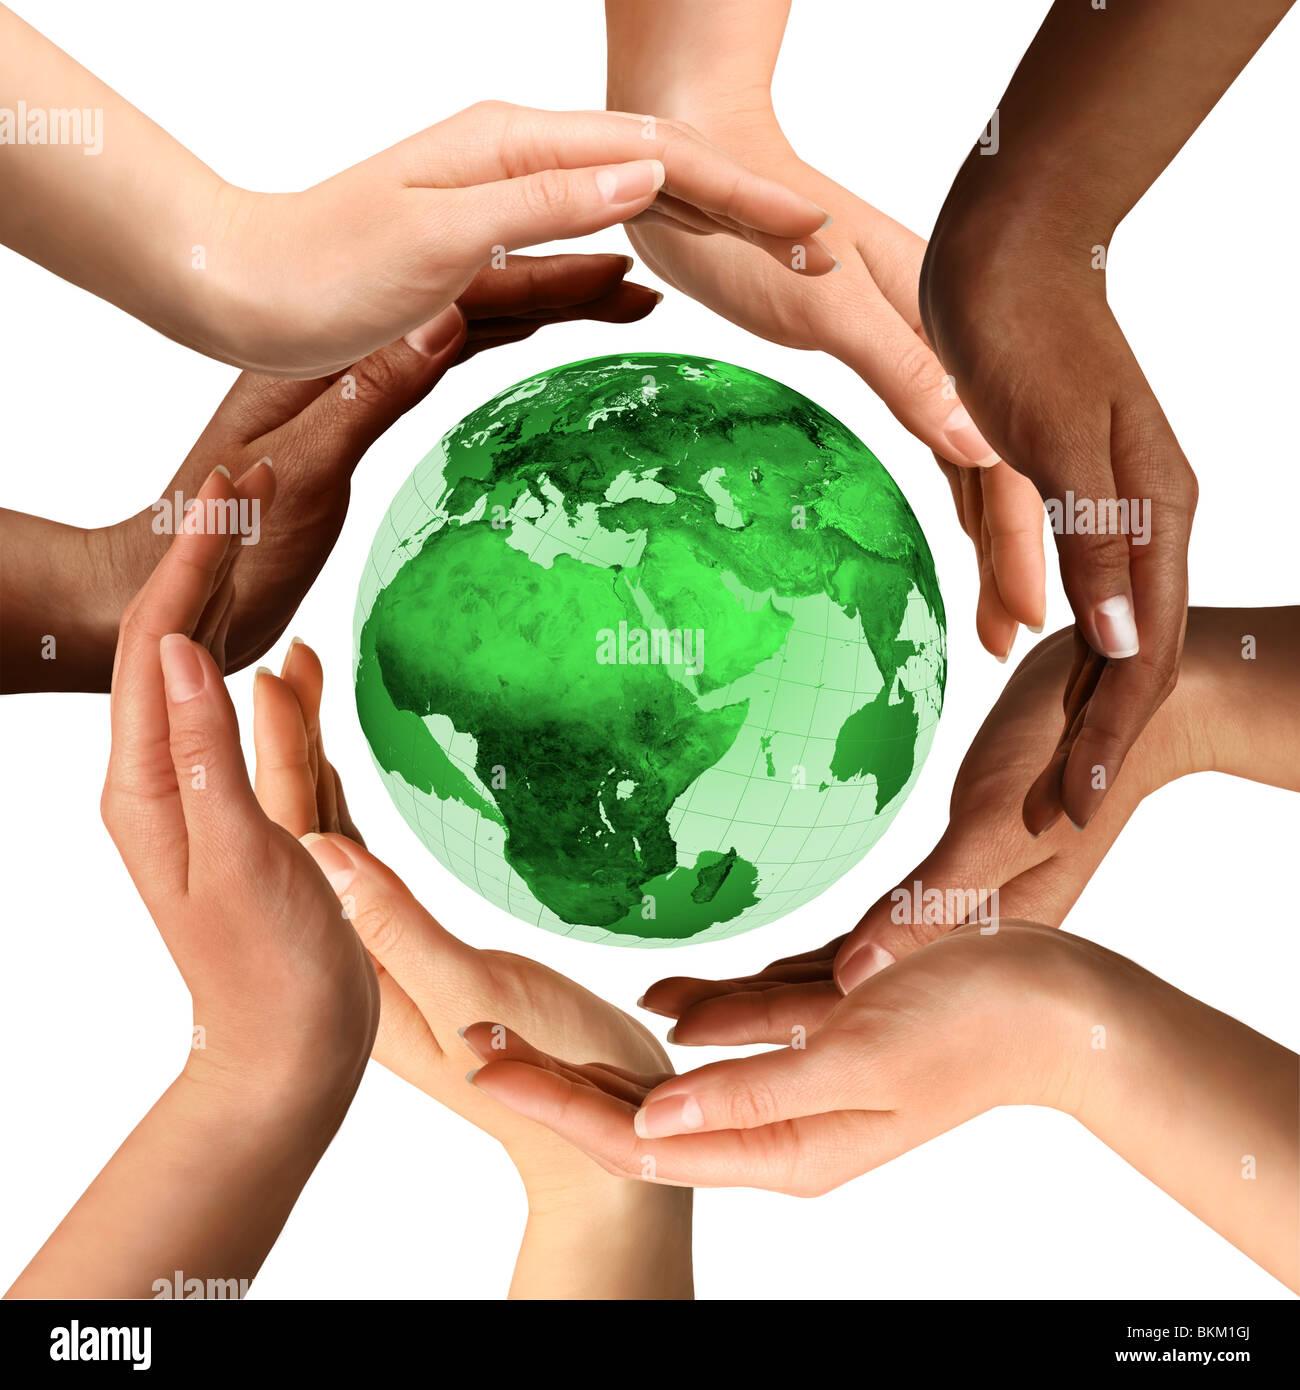 Konzeptionelle Symbol für eine grüne Erdkugel mit multiethnischen menschlichen Händen um ihn herum. Stockbild